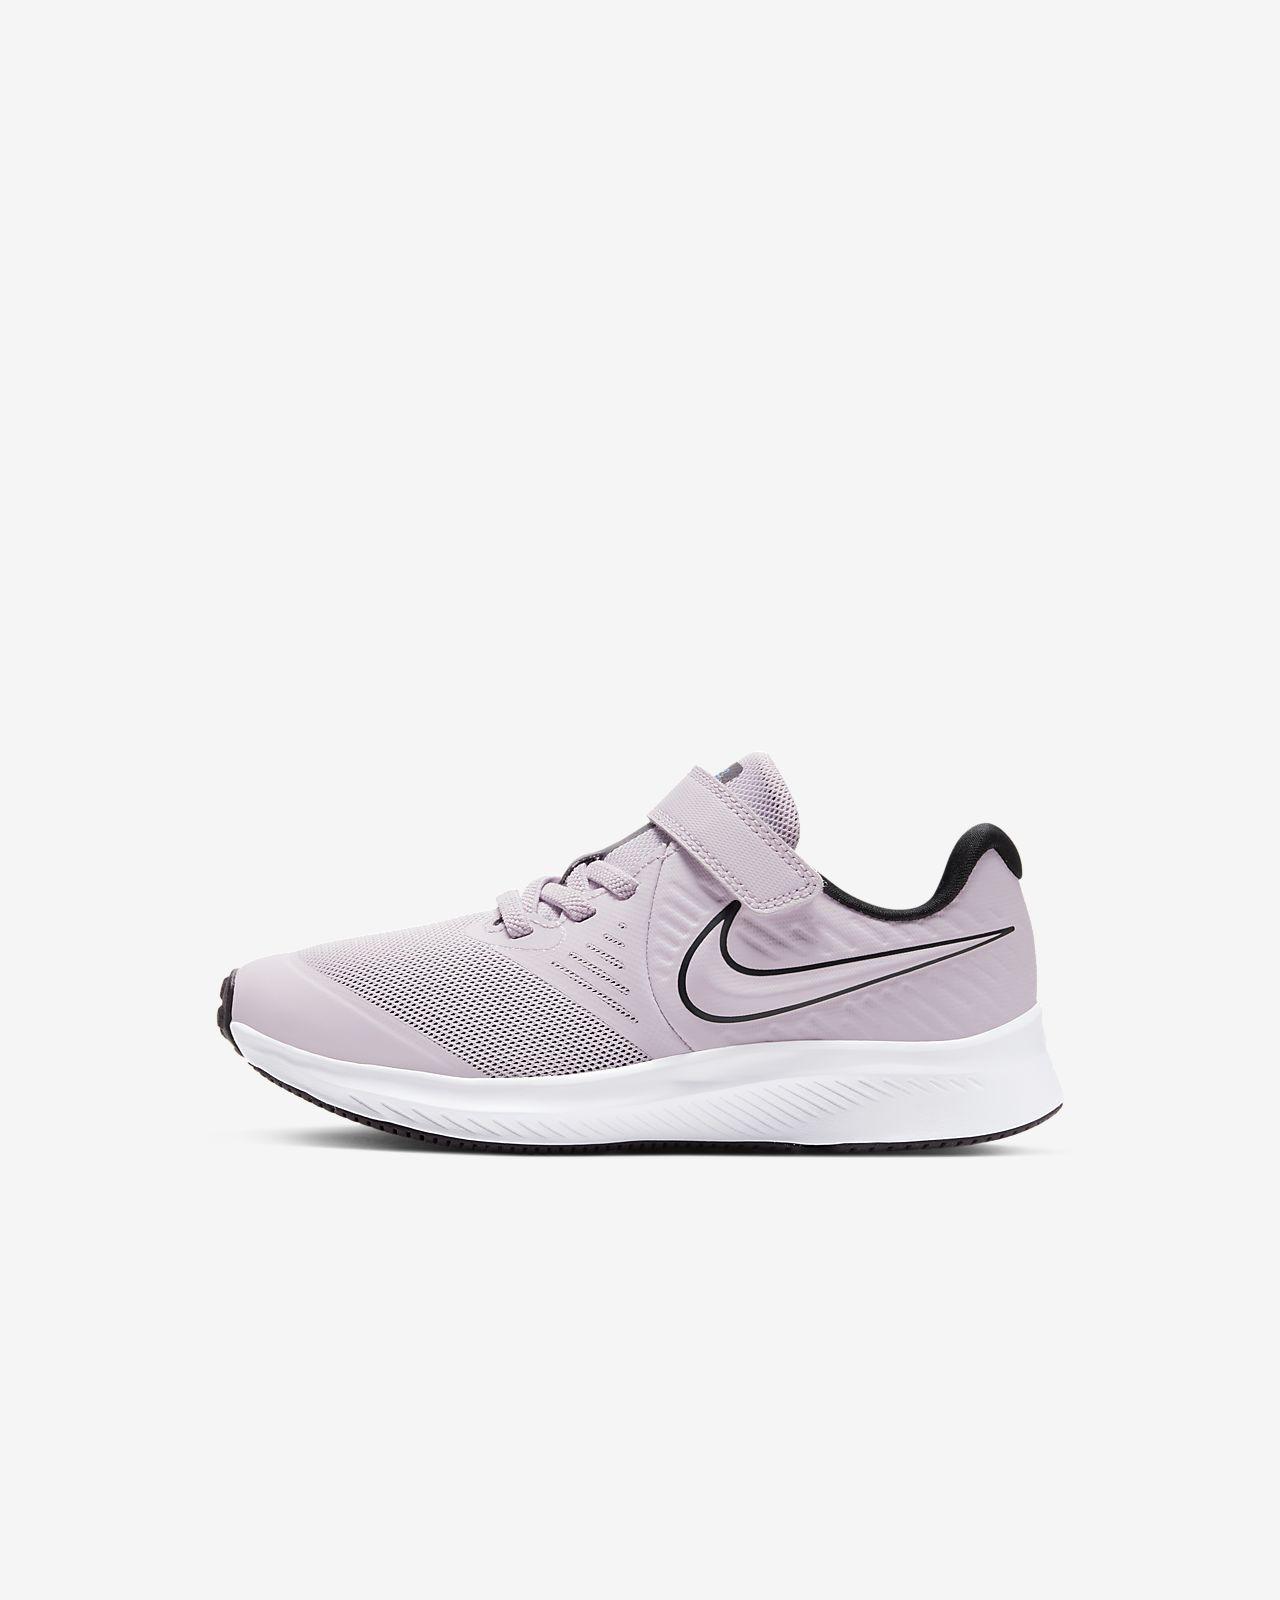 Sko Nike Star Runner 2 för barn